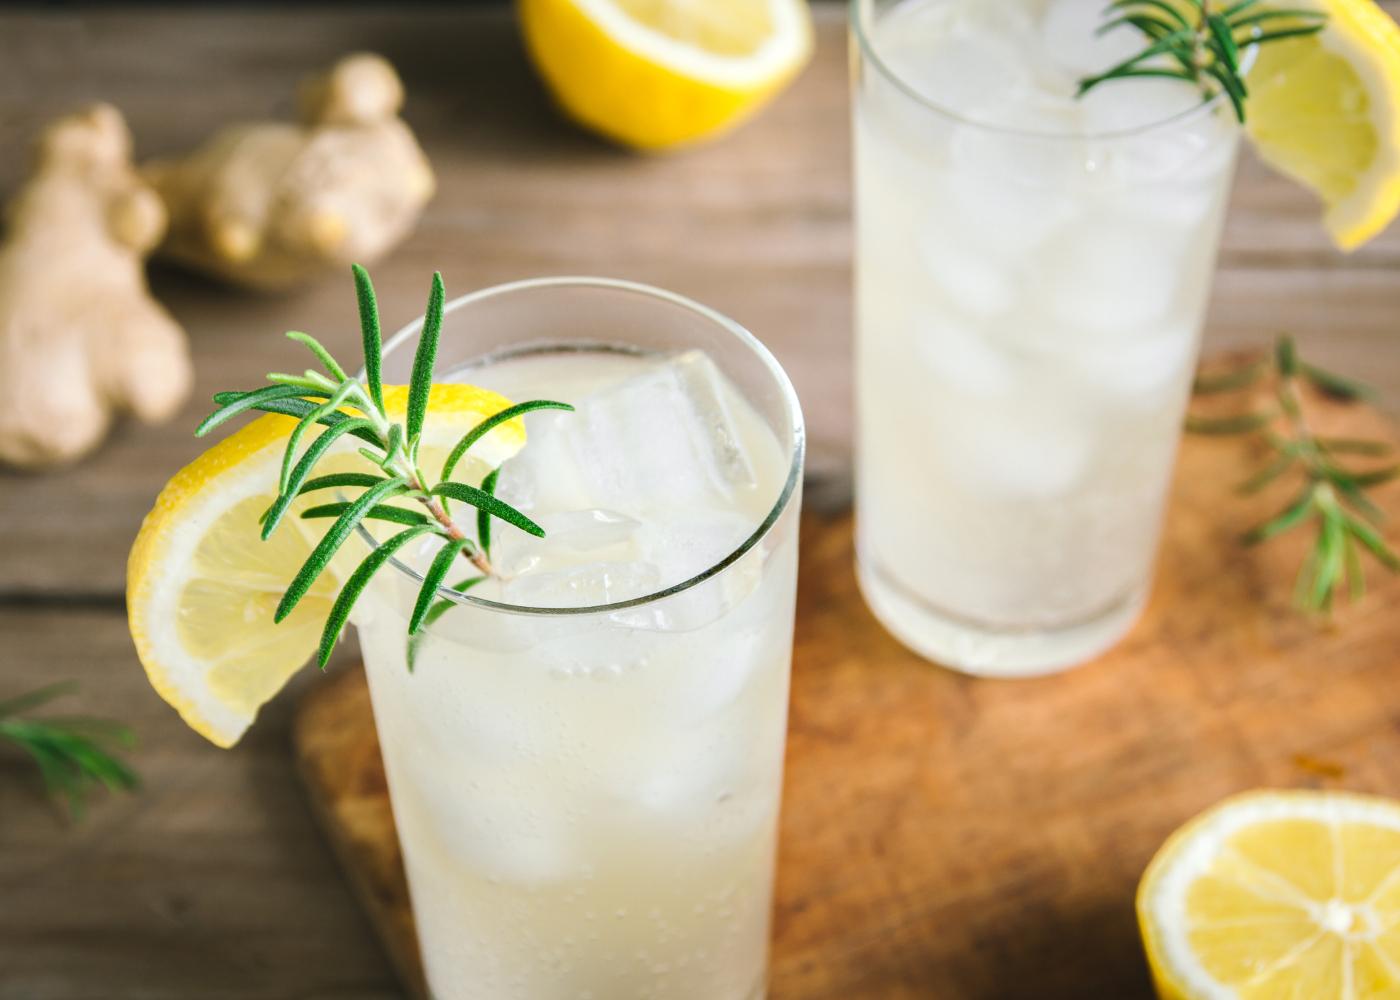 dois copos de refresco de limão e gengibre